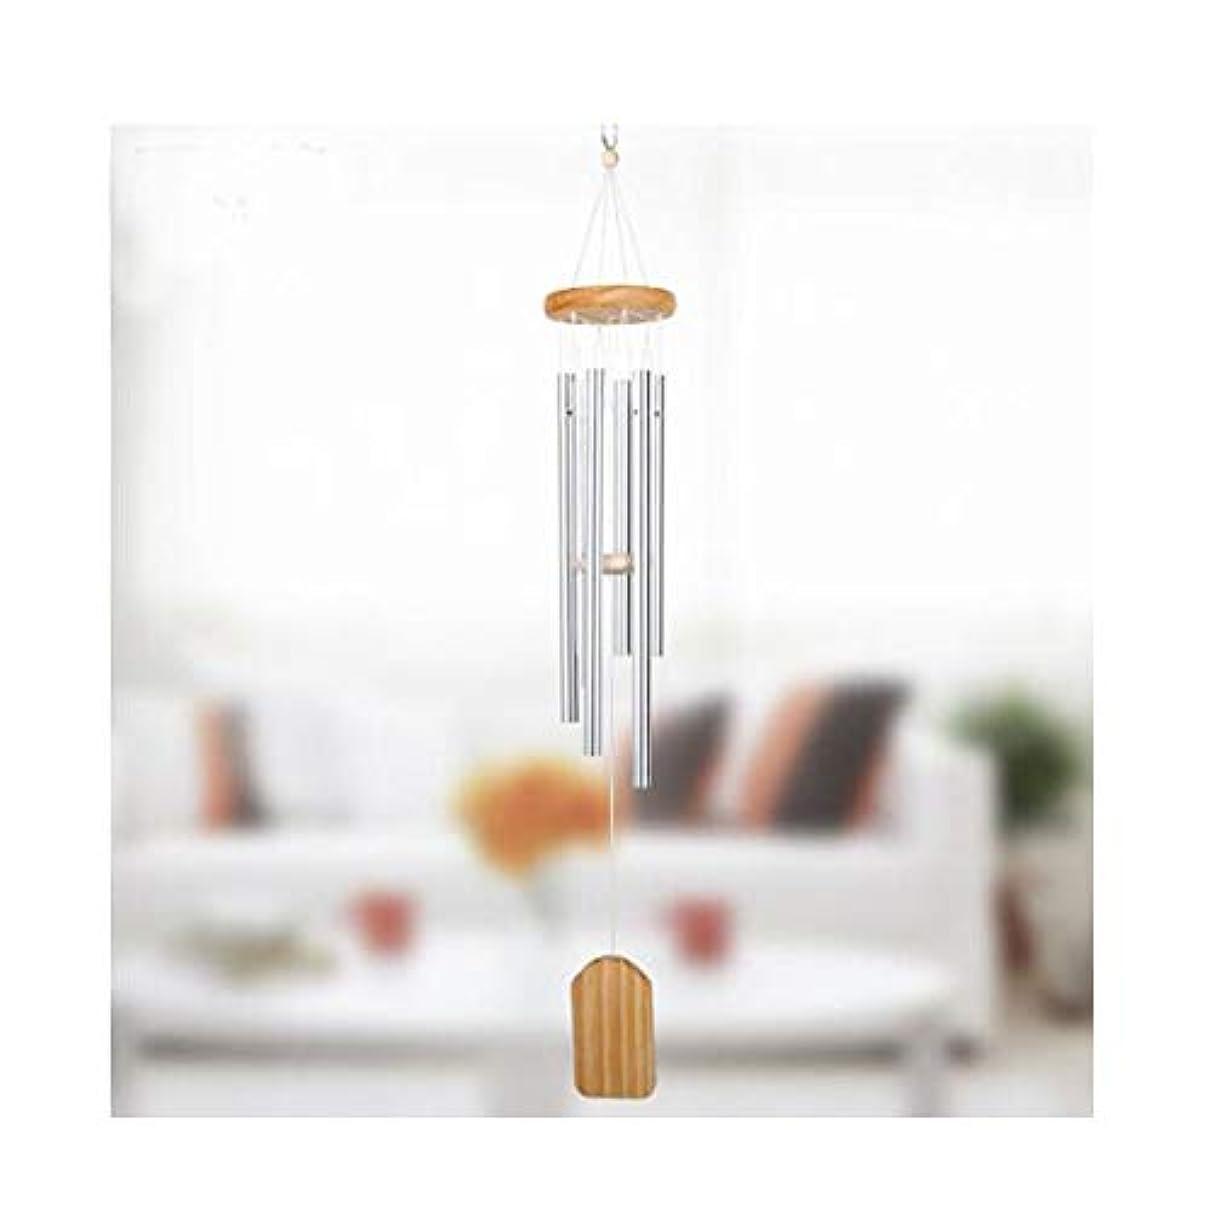 実り多い一流道を作る風チャイム、ソリッドウッドメタル6チューブ風の鐘、ホームデコレーション、ベッドルームデコレーション風チャイム (Size : 60cm)